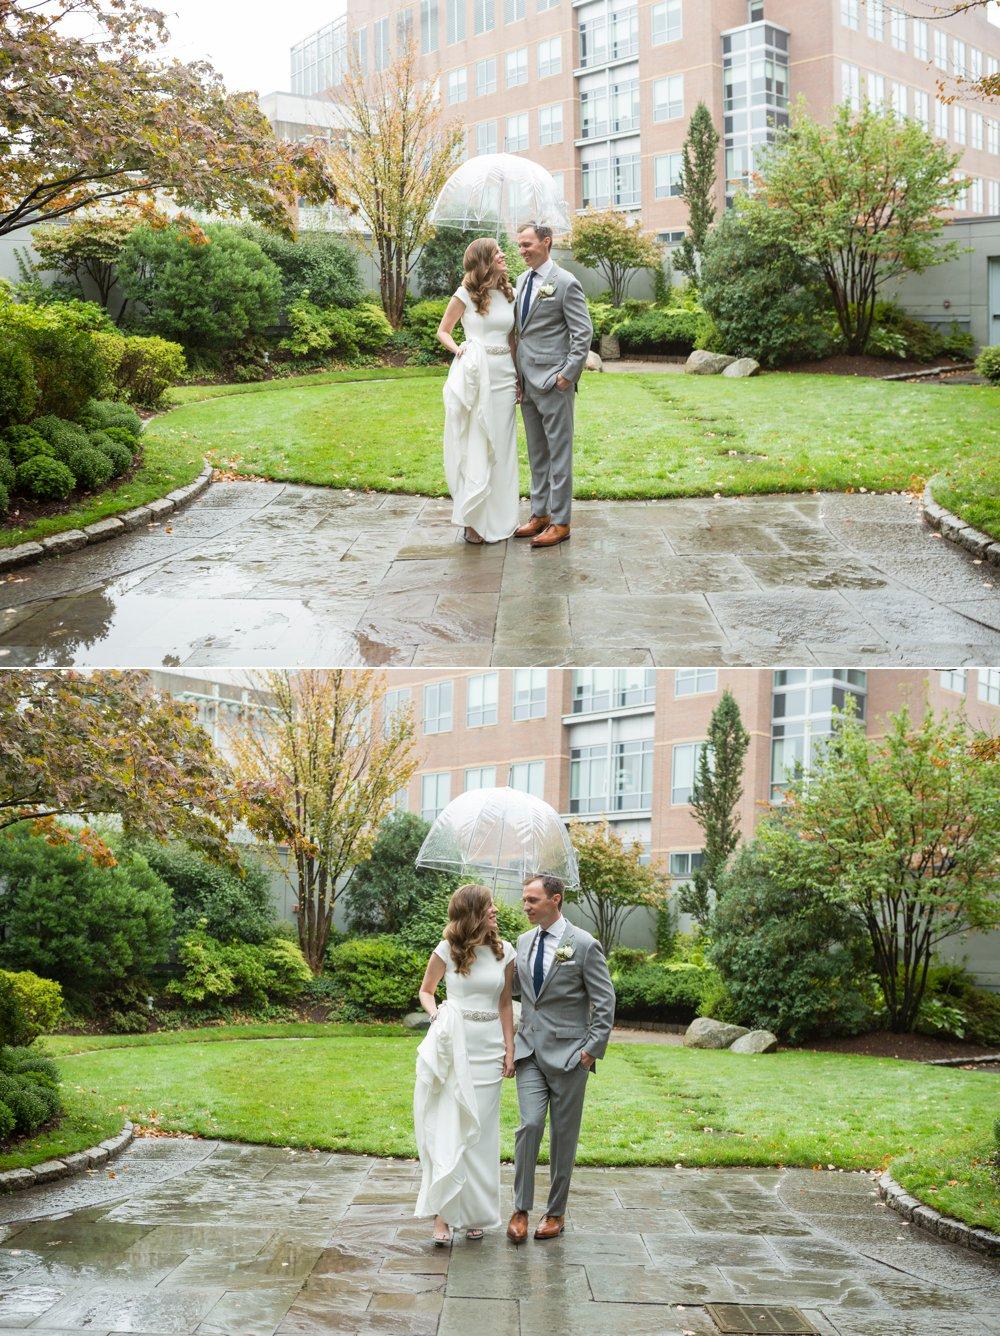 SomerbyJonesPhotography_LoyalNineWedding_LoyalNineRestaurant_LoyalNine_Wedding_0010.jpg